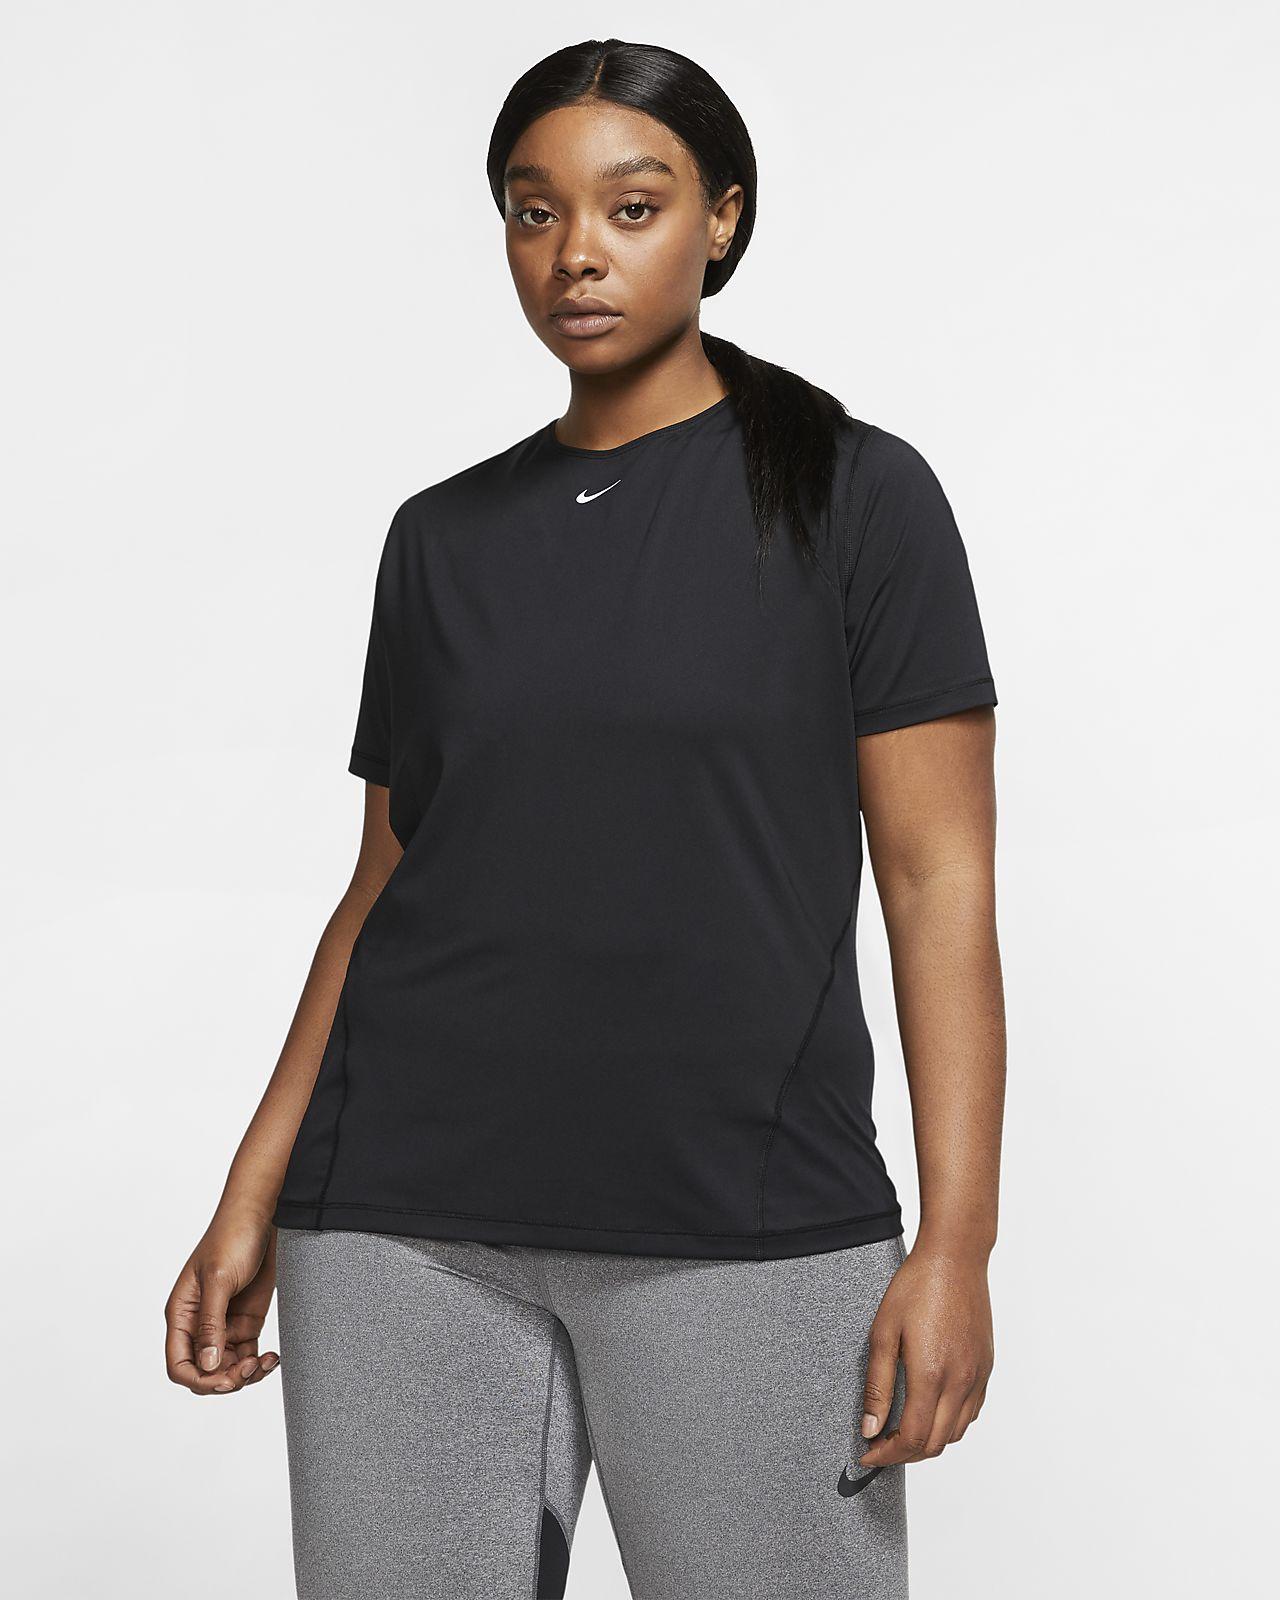 Nike Pro Camiseta de malla (Talla grande) - Mujer